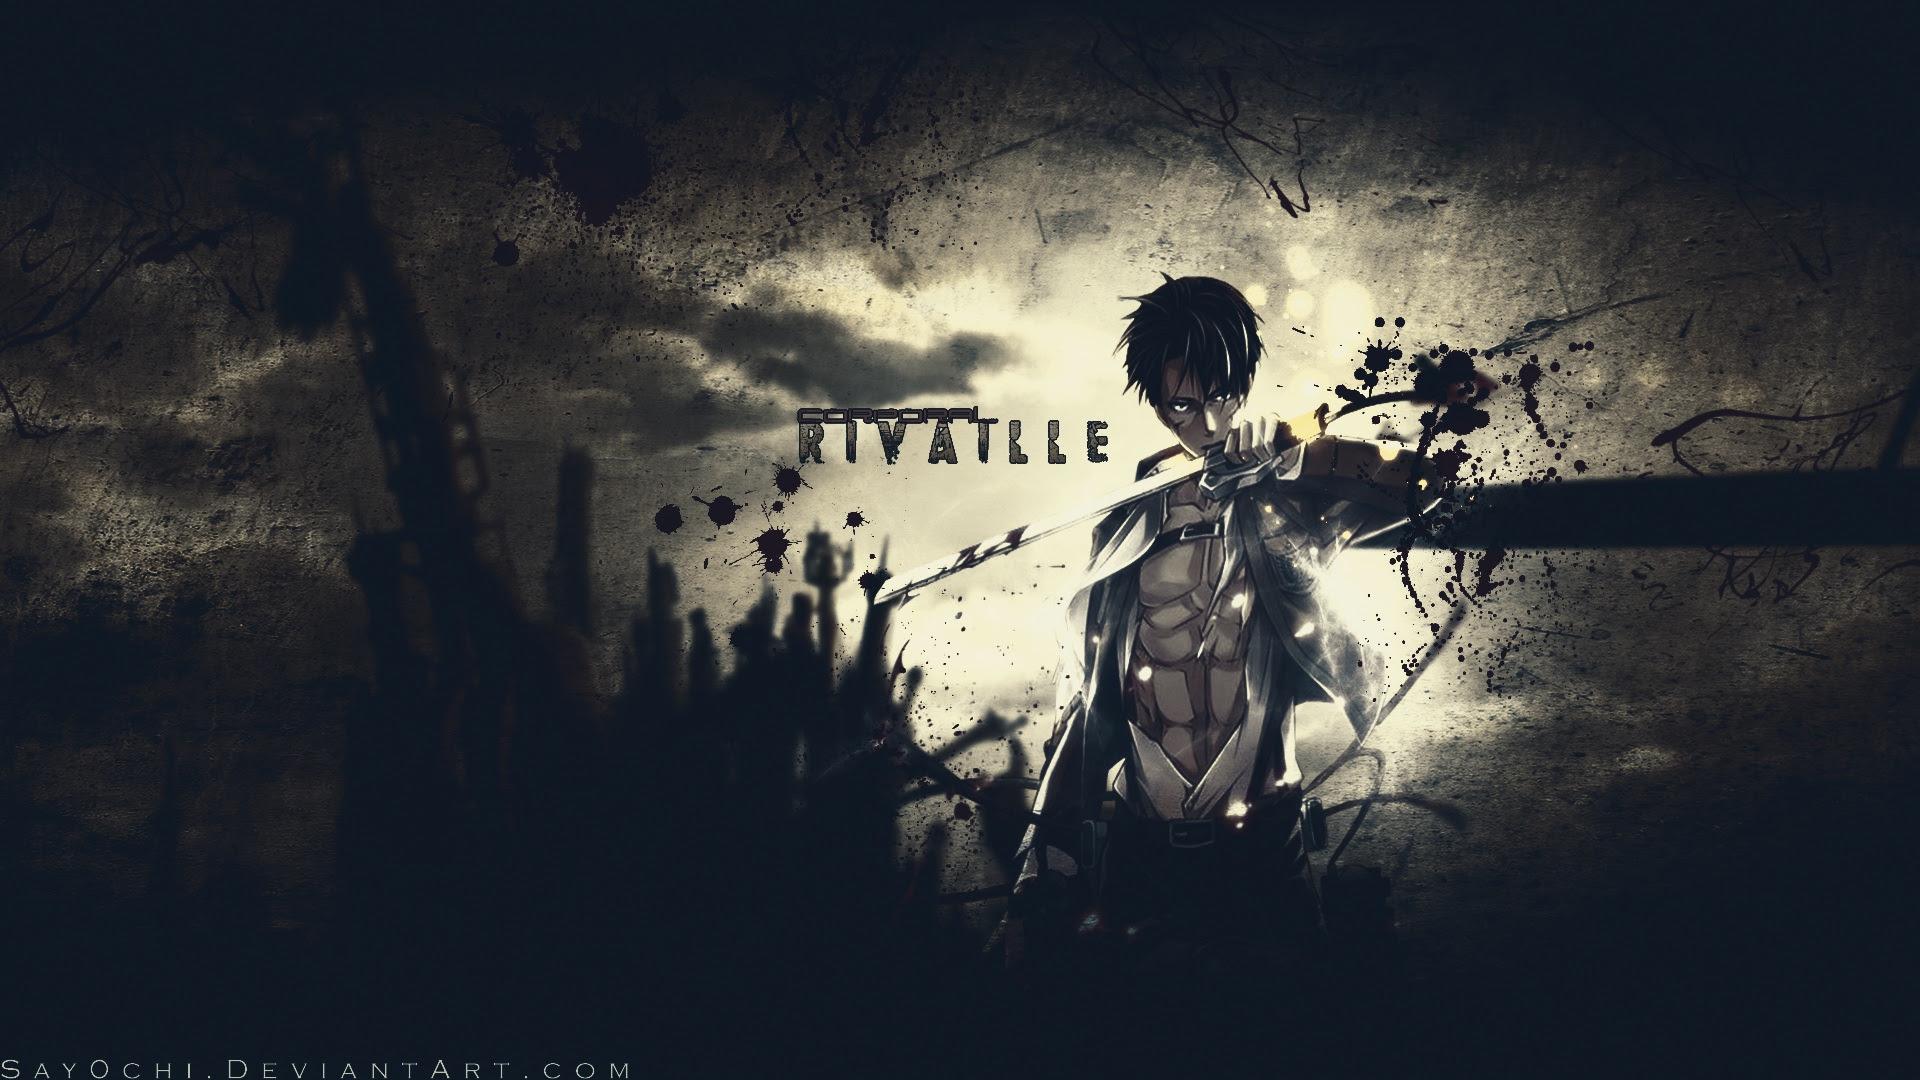 Rivaille Wallpaper Shingeki No Kyojin Attack On Titan